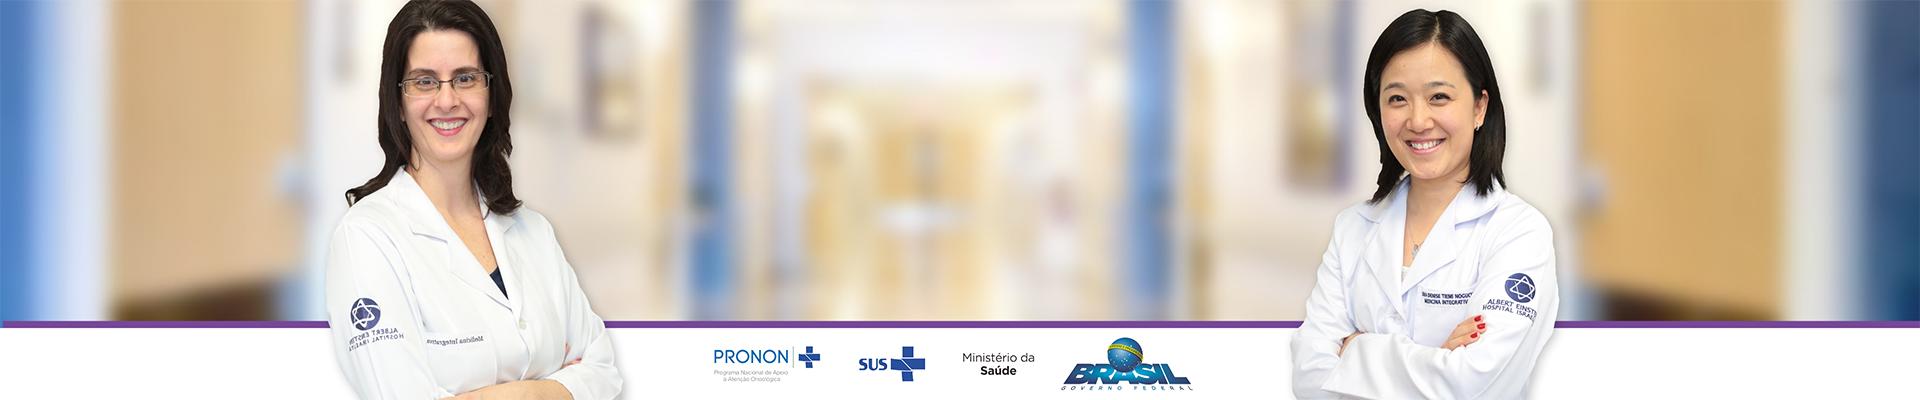 Banner medicina integrativa1